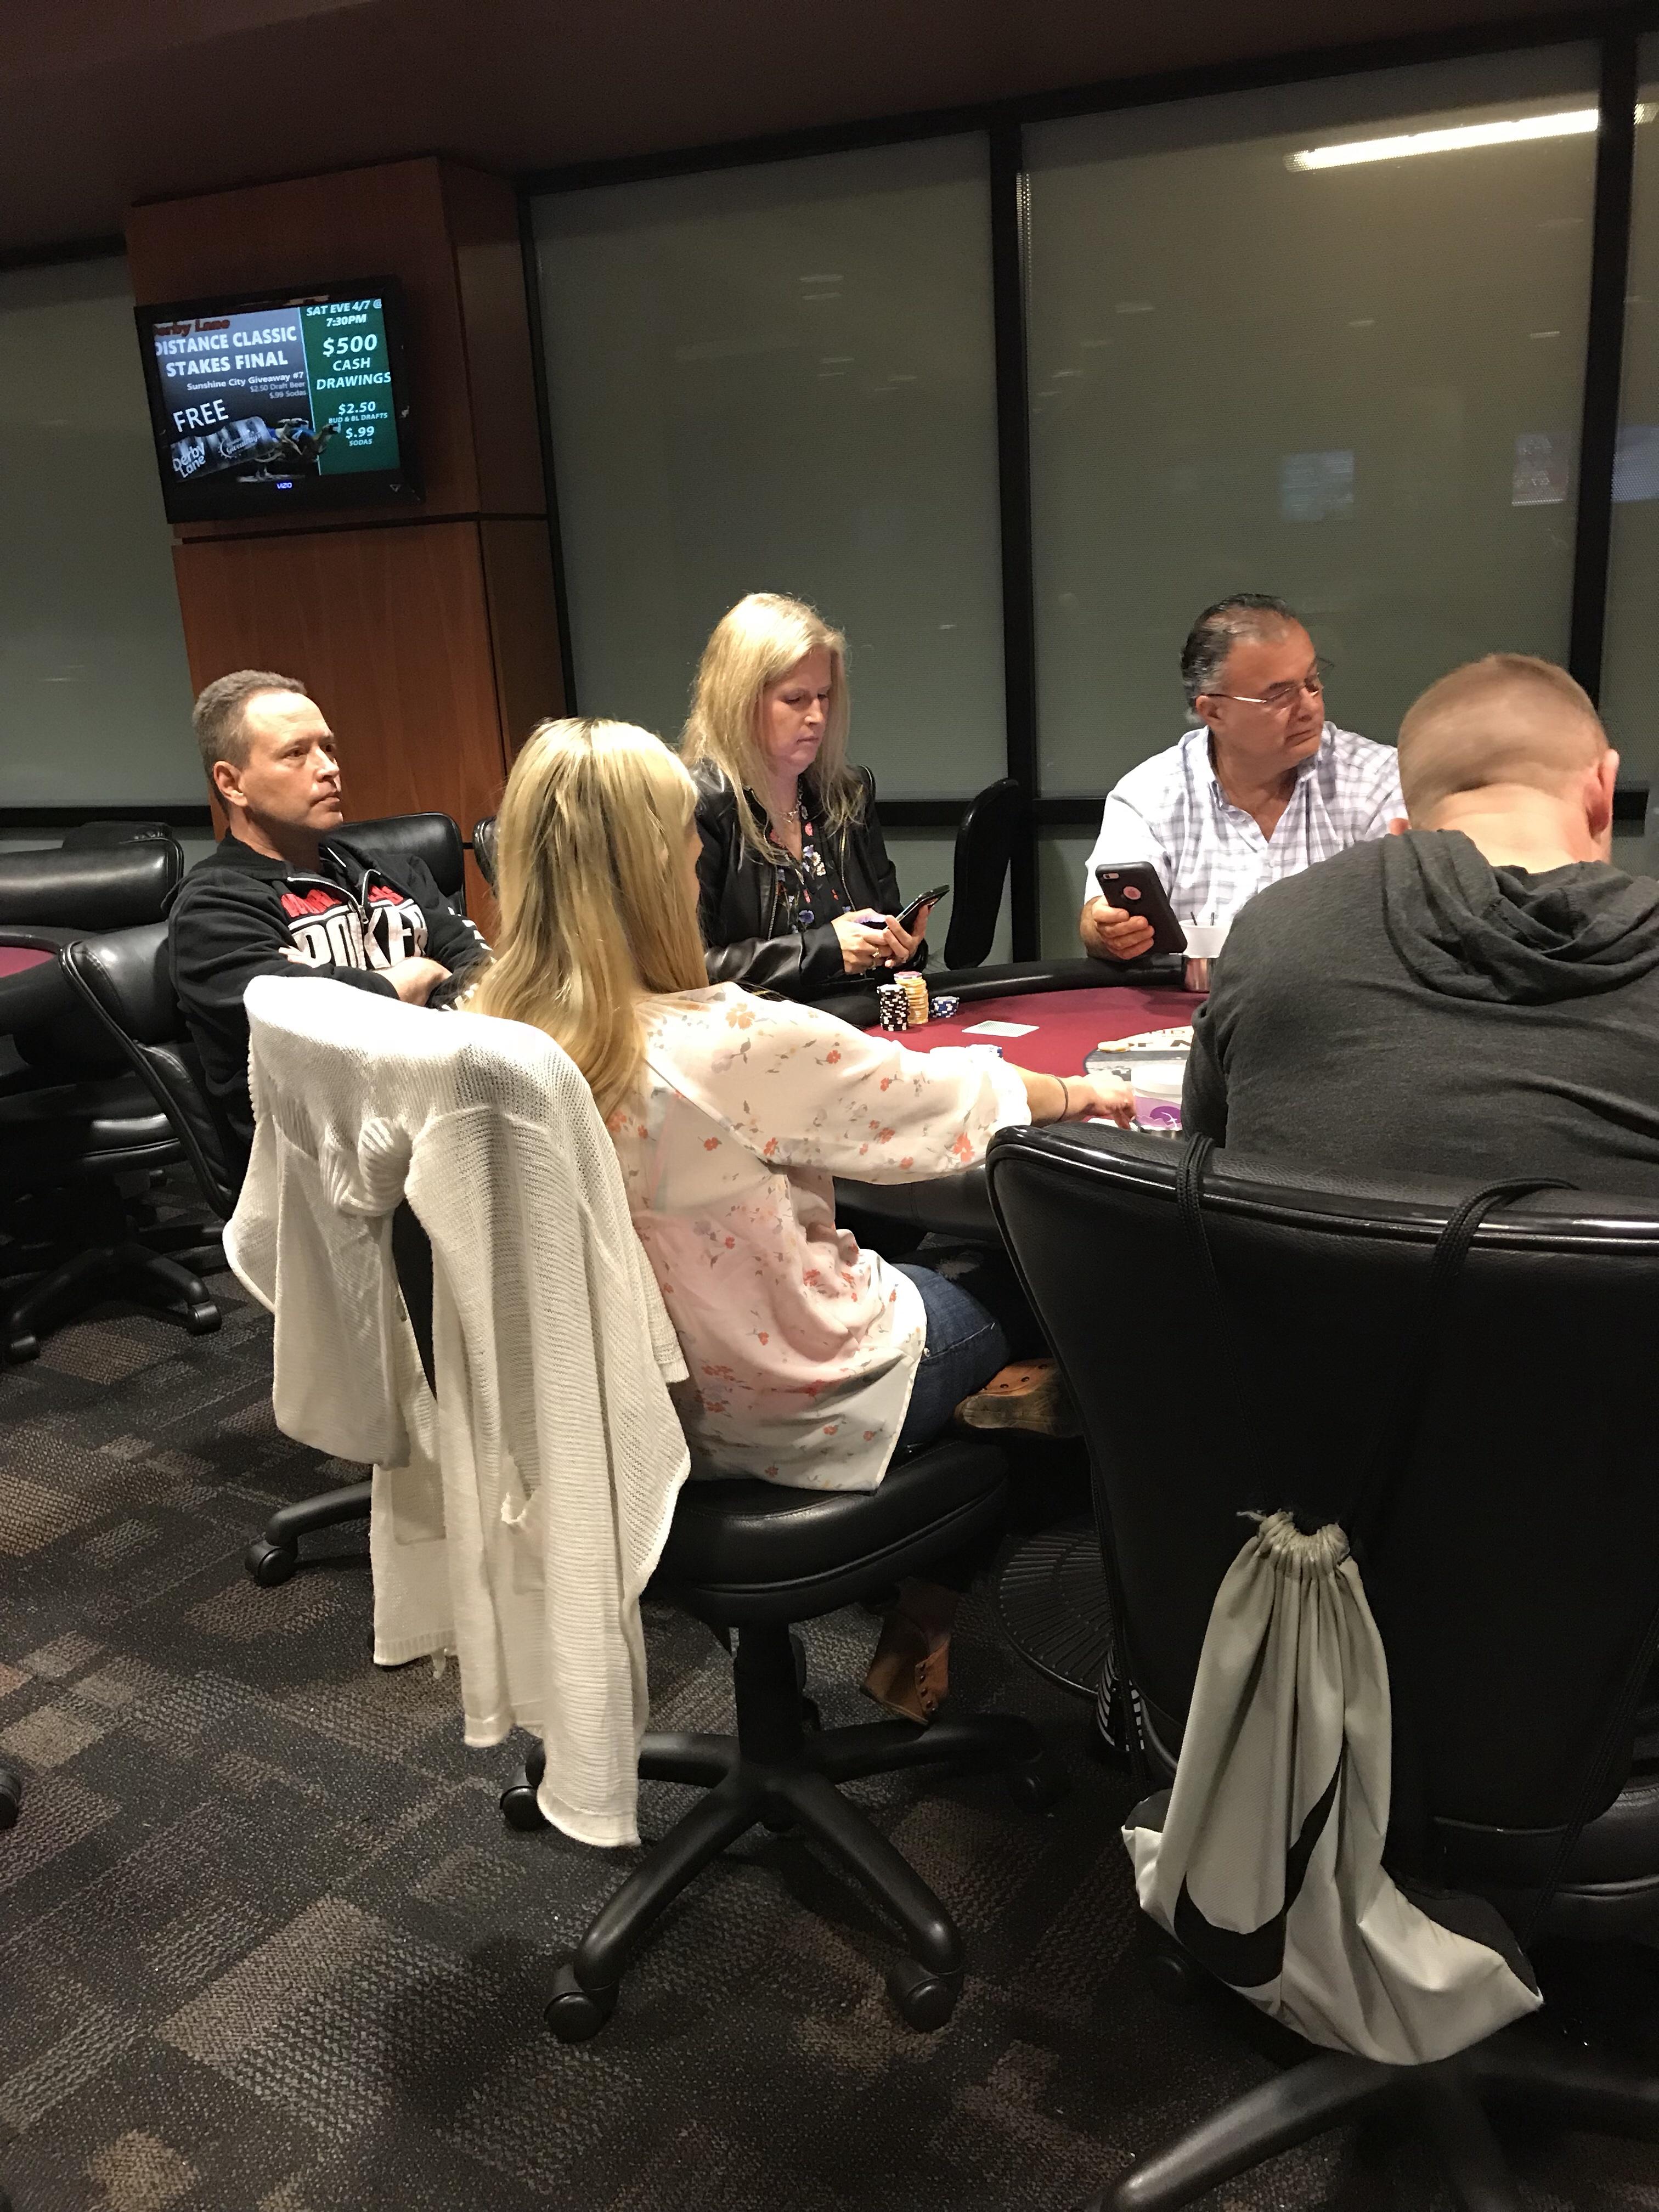 Img 6643: Tampa Bay Elite Poker League